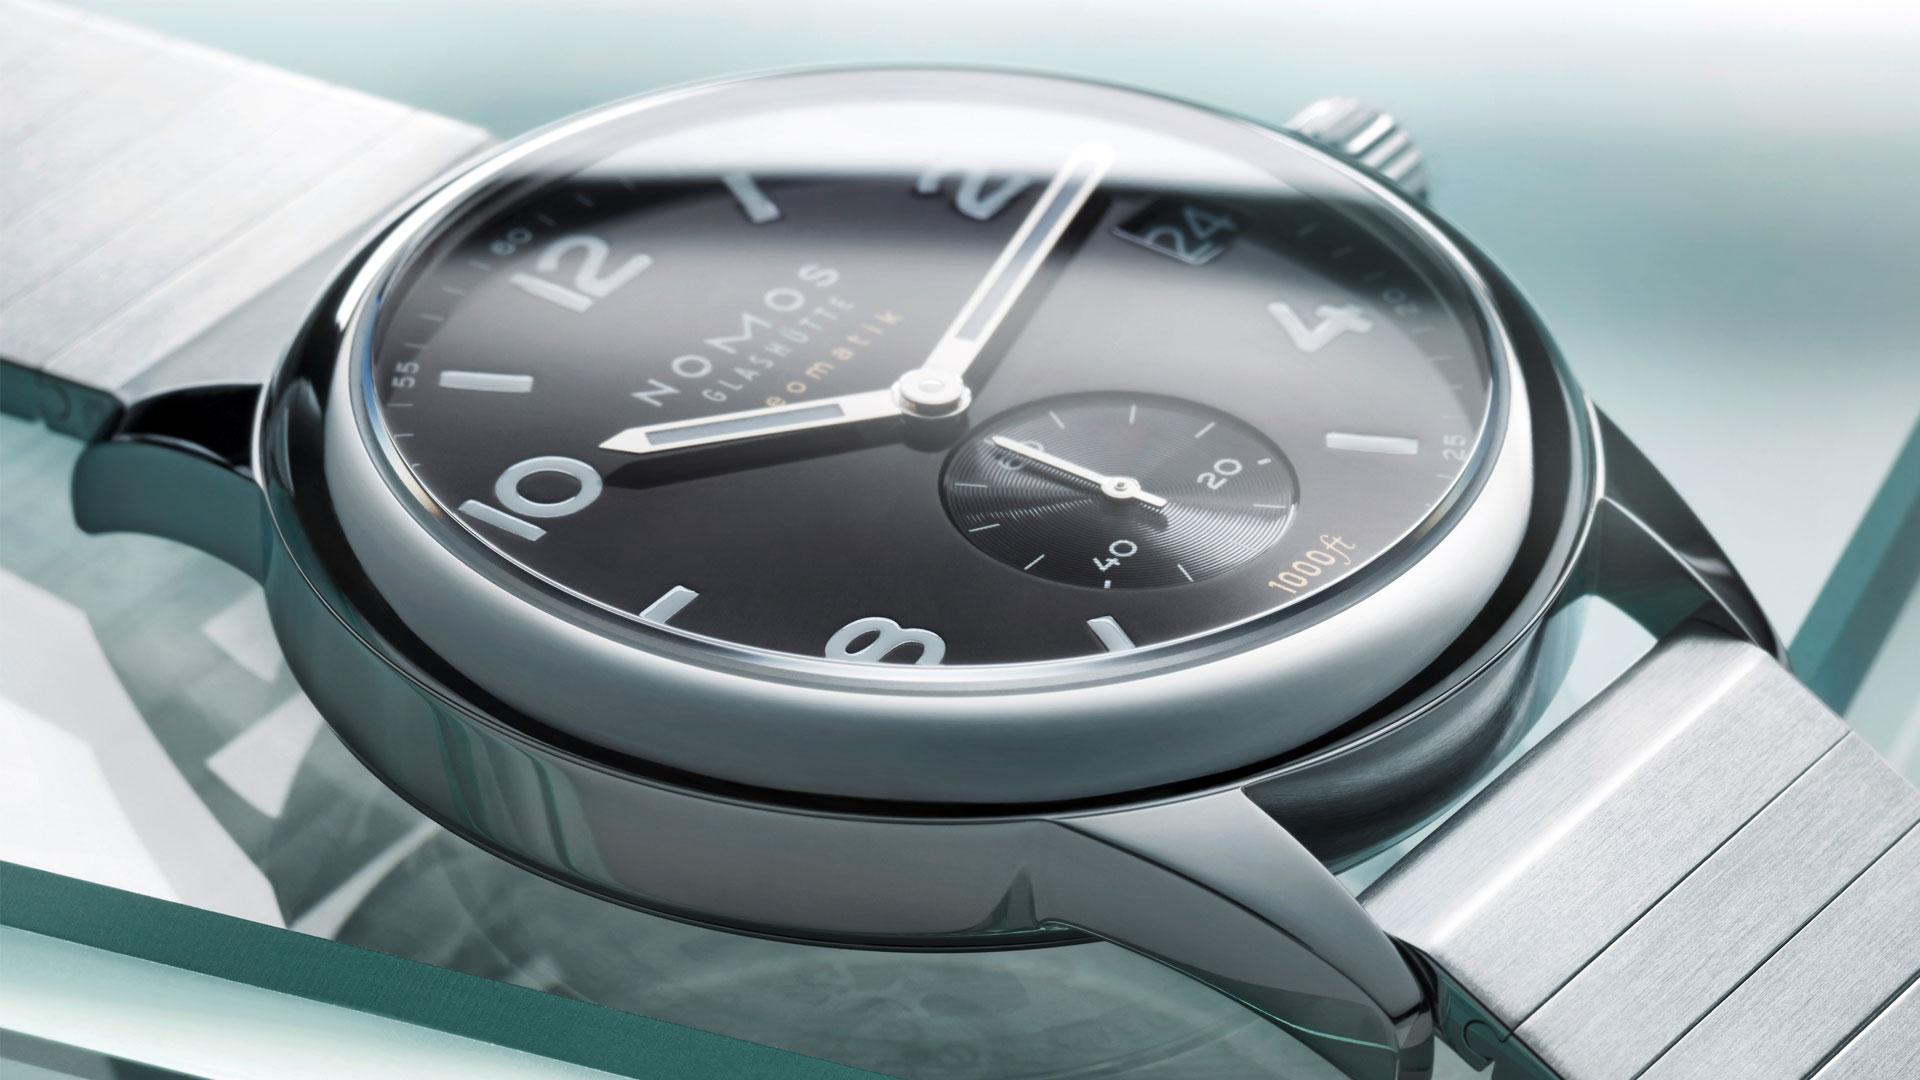 Armbanduhr von Nomos die Club Sport